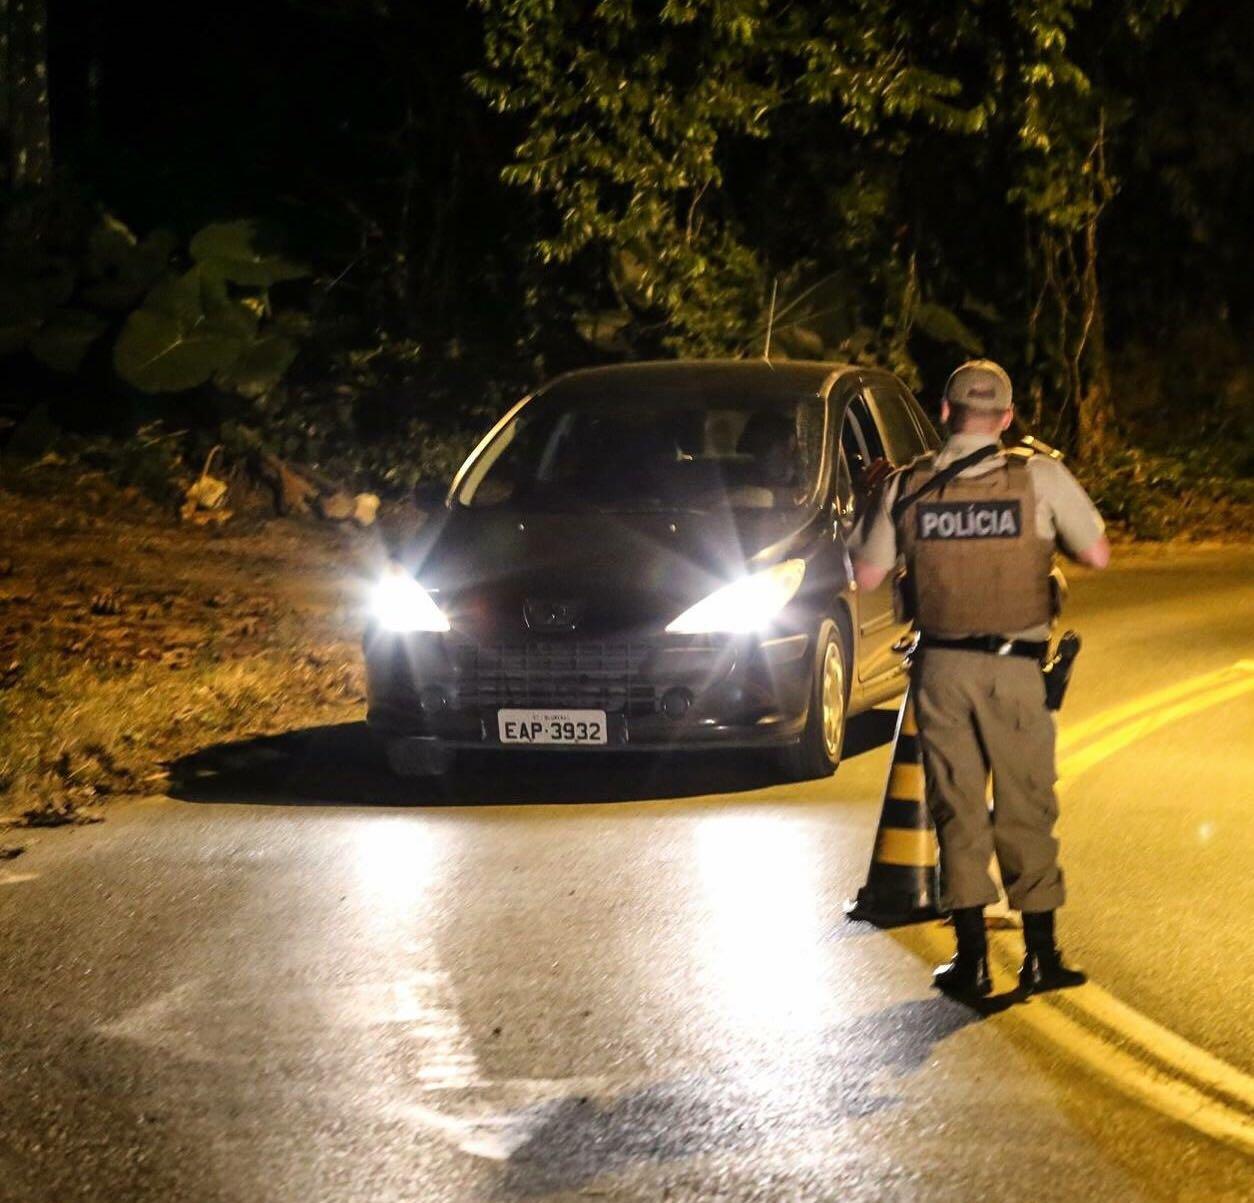 Assalto a residência mobiliza a Polícia Militar